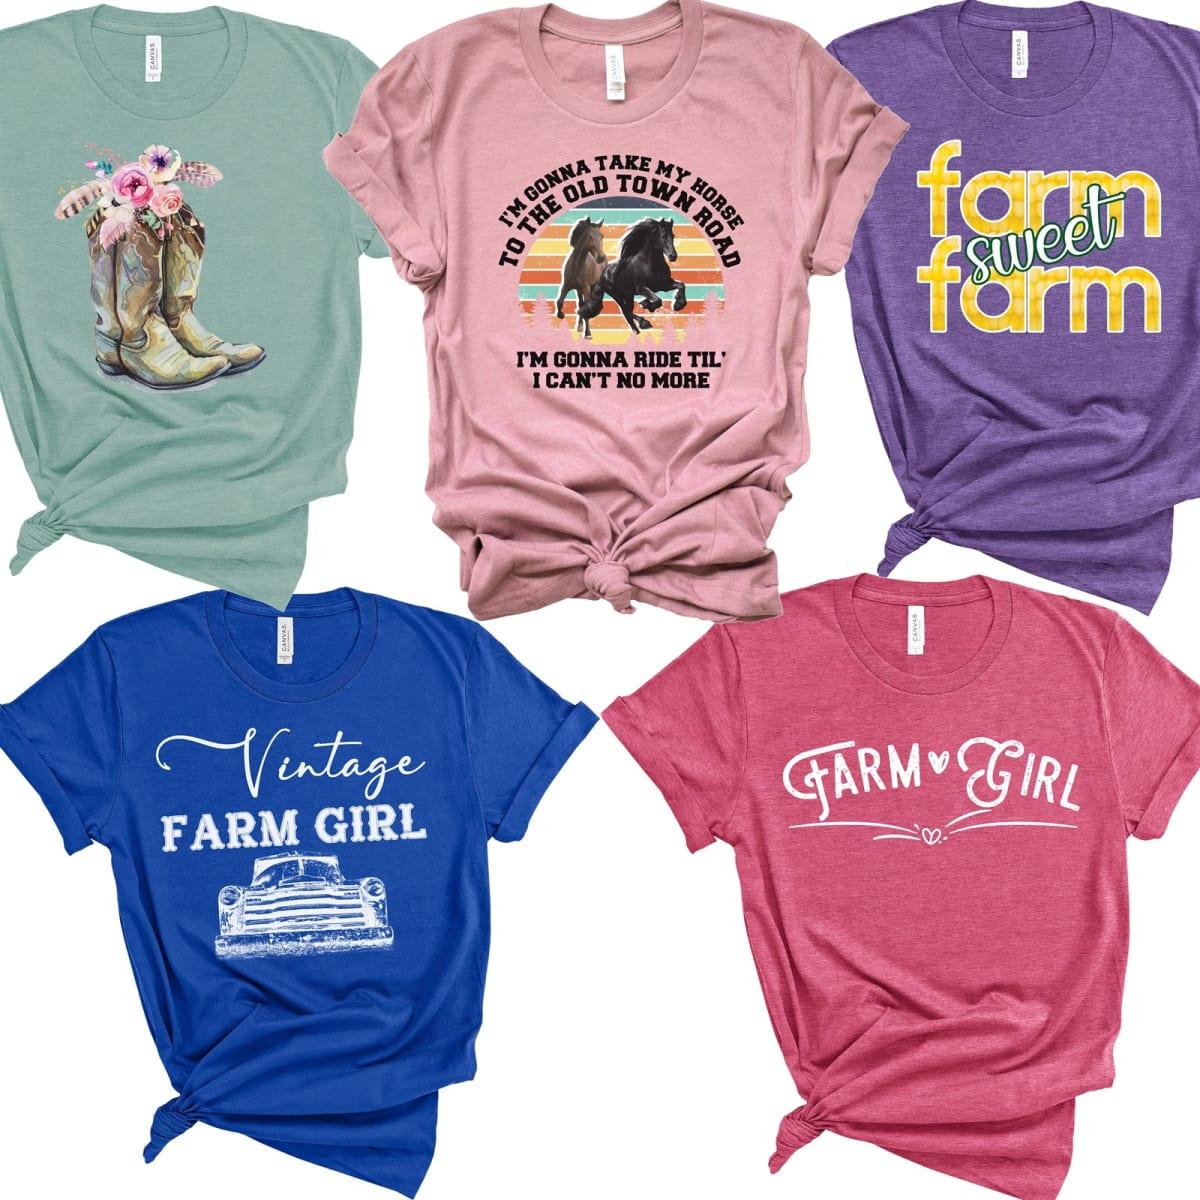 9a3d27e661c55 Farm Girl Tees